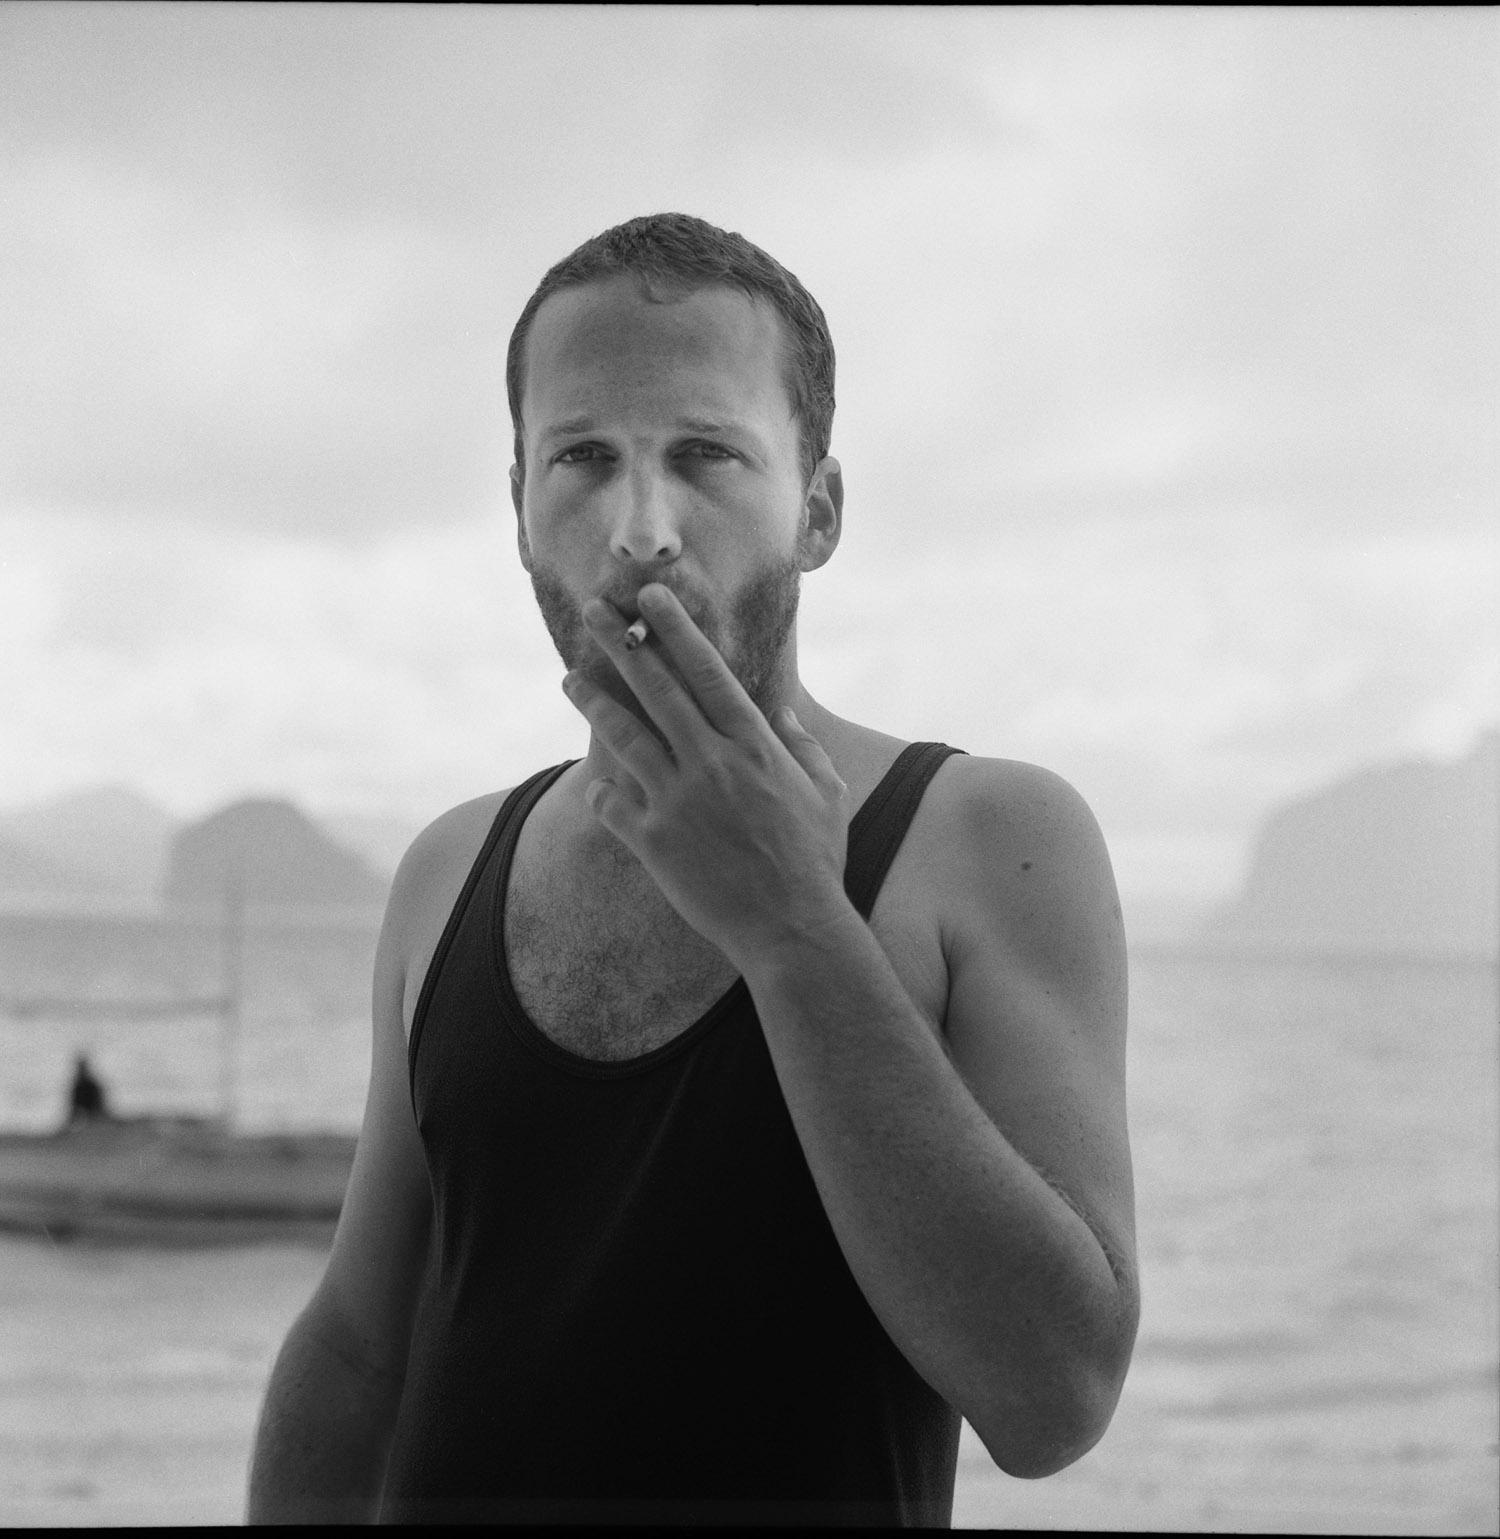 Portretfoto's gemaakt door portretfotograaf Gregor Servais  Meer op www.gregorservais.nl